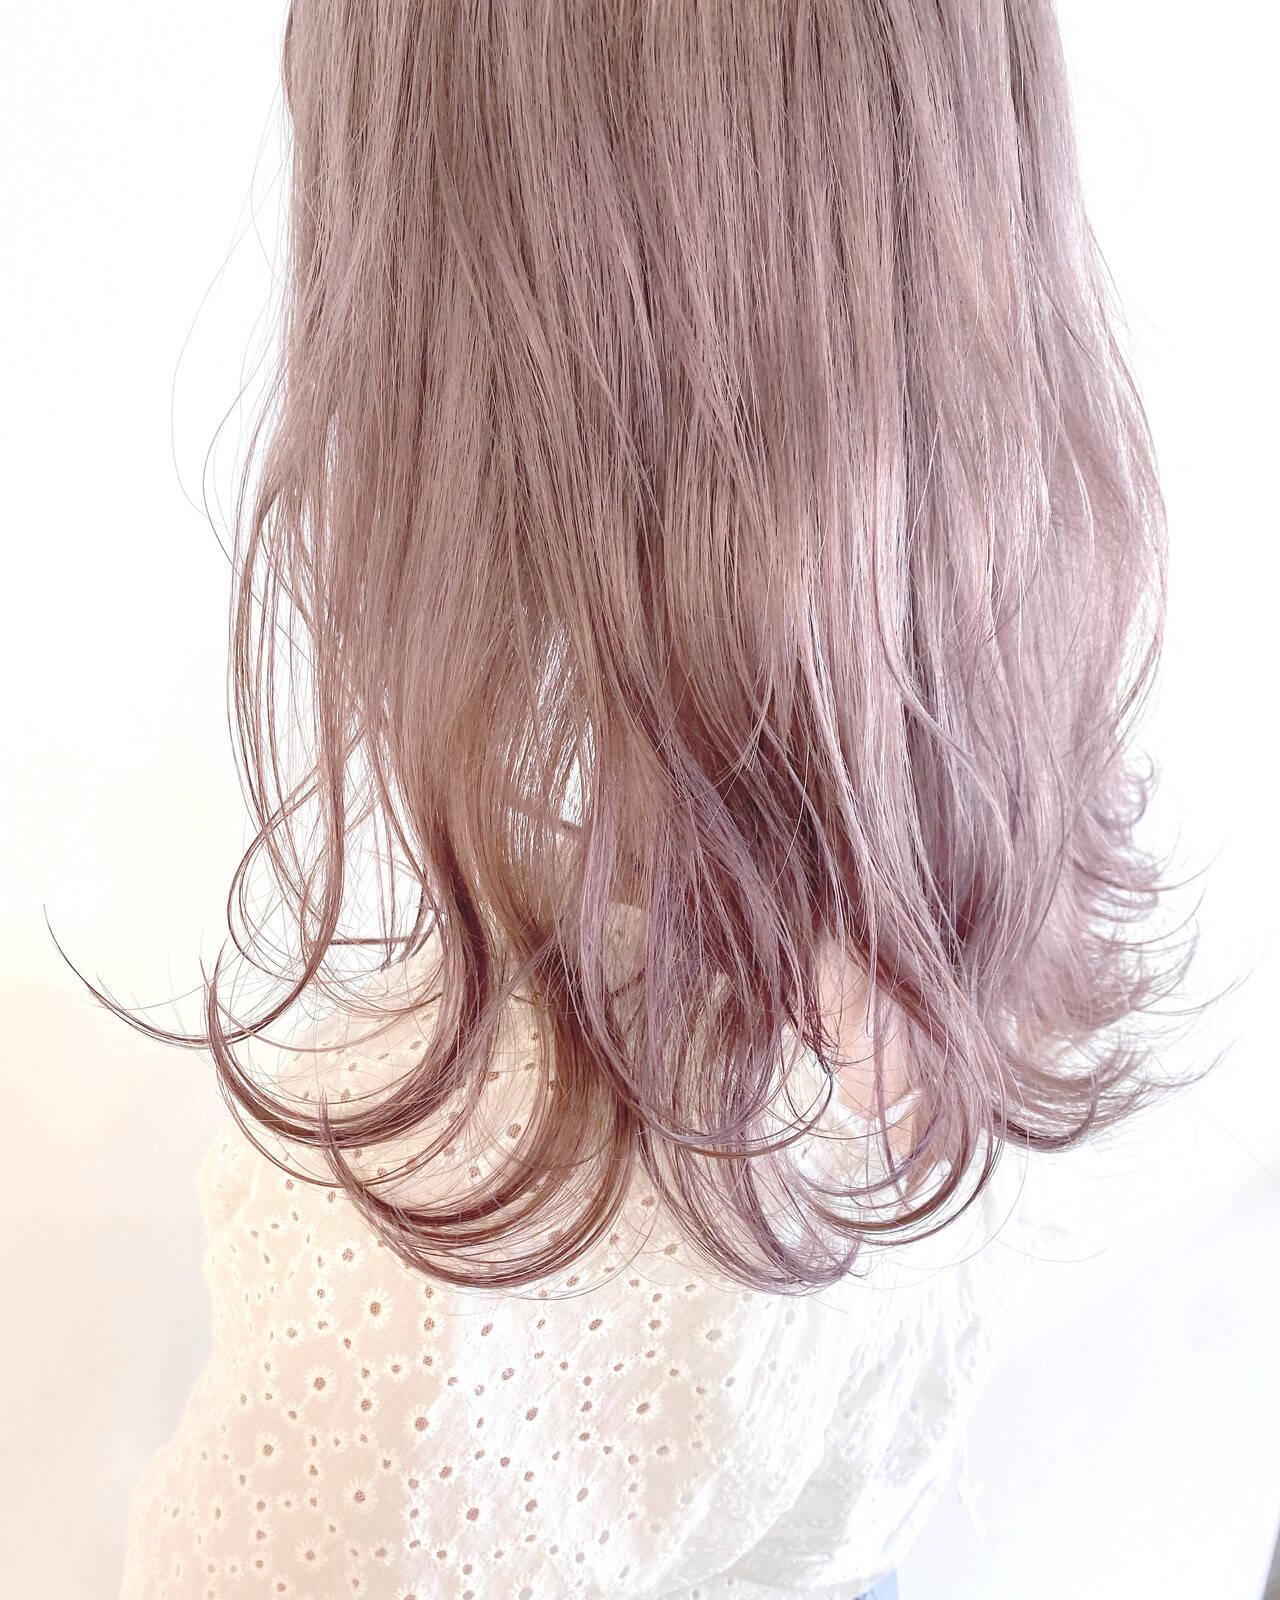 ナチュラル ラベンダー ラベンダーピンク ミディアムヘアスタイルや髪型の写真・画像